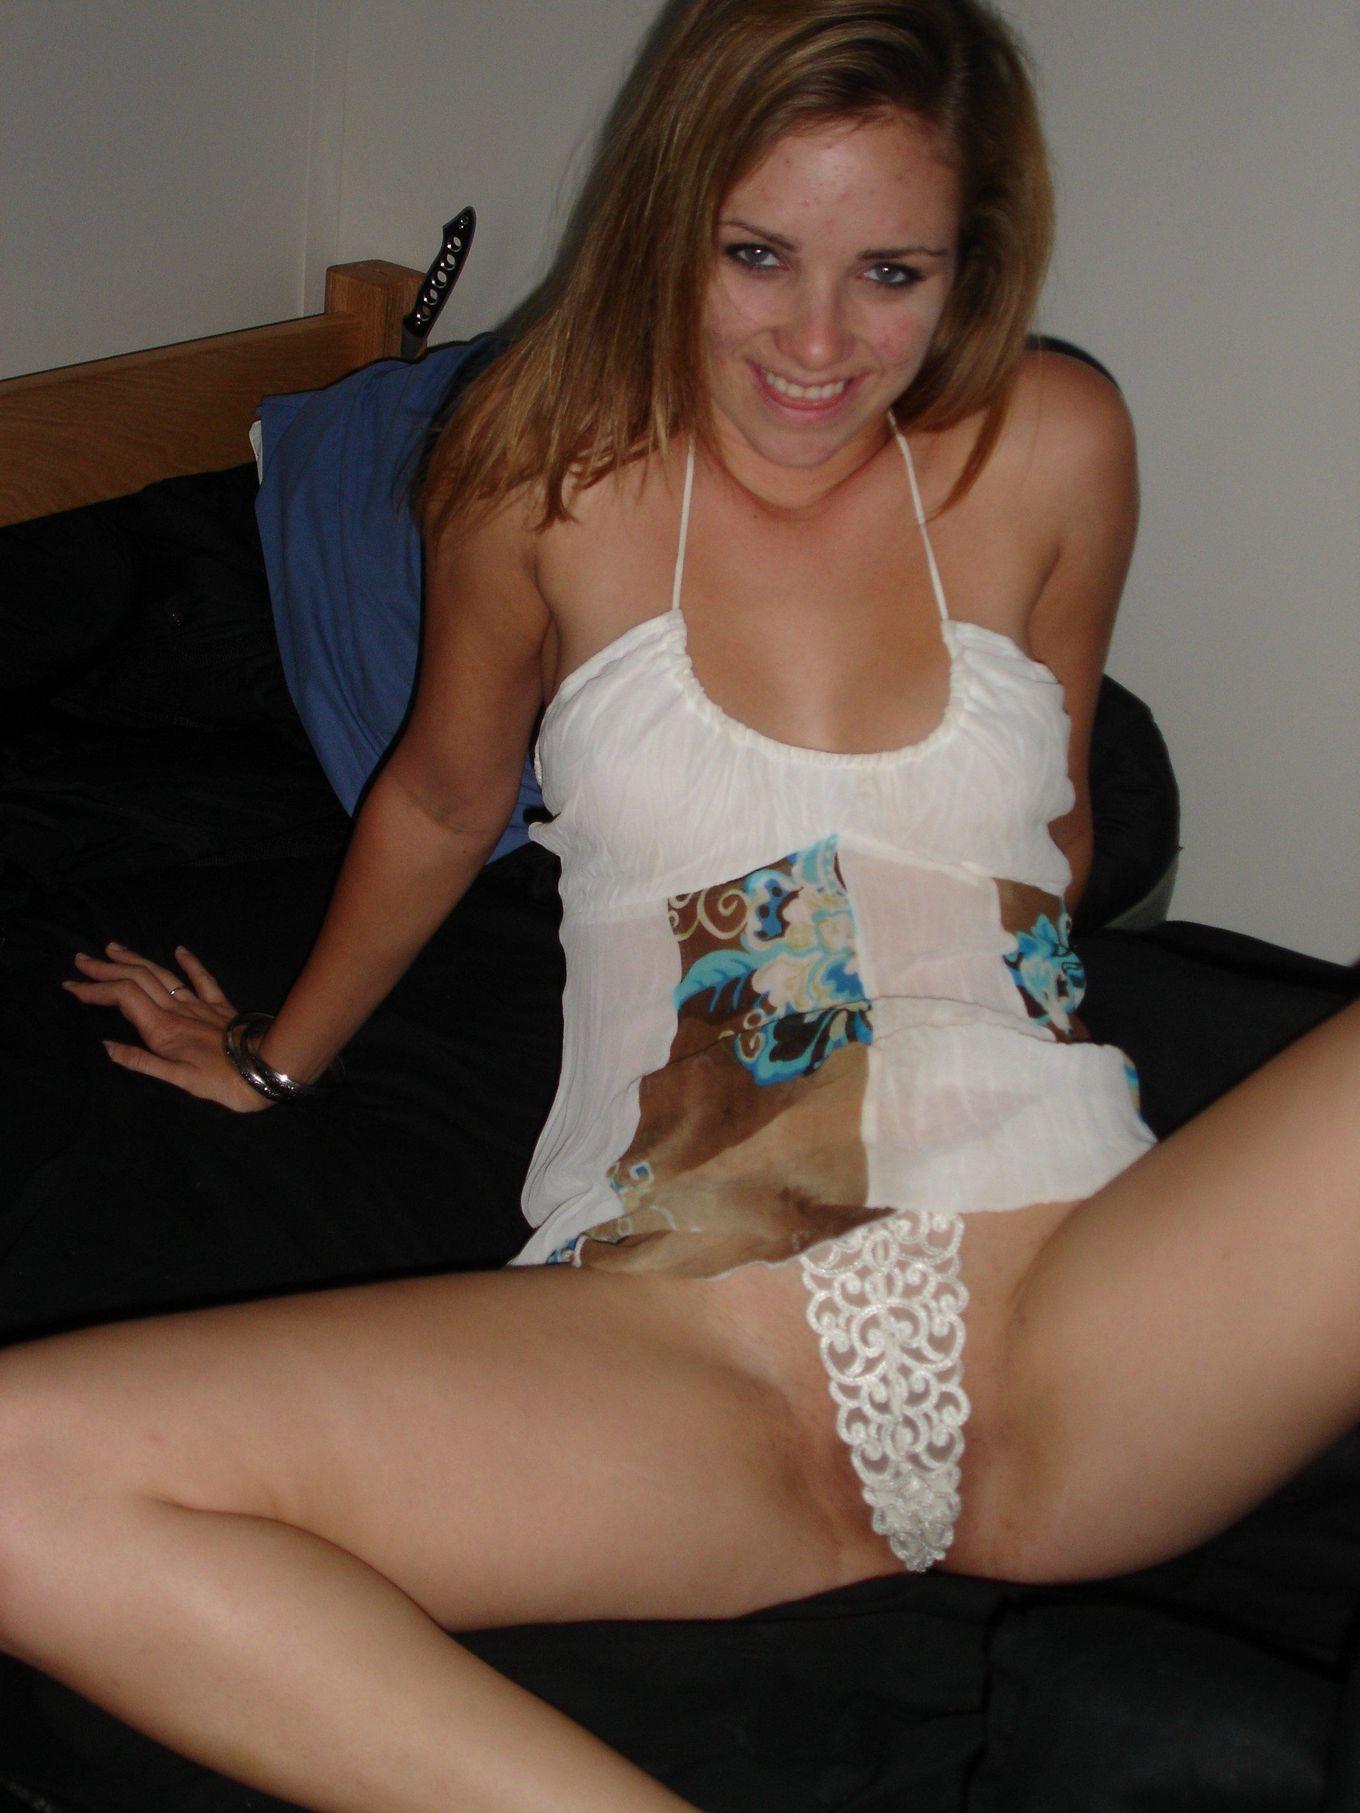 Девушки снимаются в домашнем порно, чтобы оставить на память особо пикантные снимки